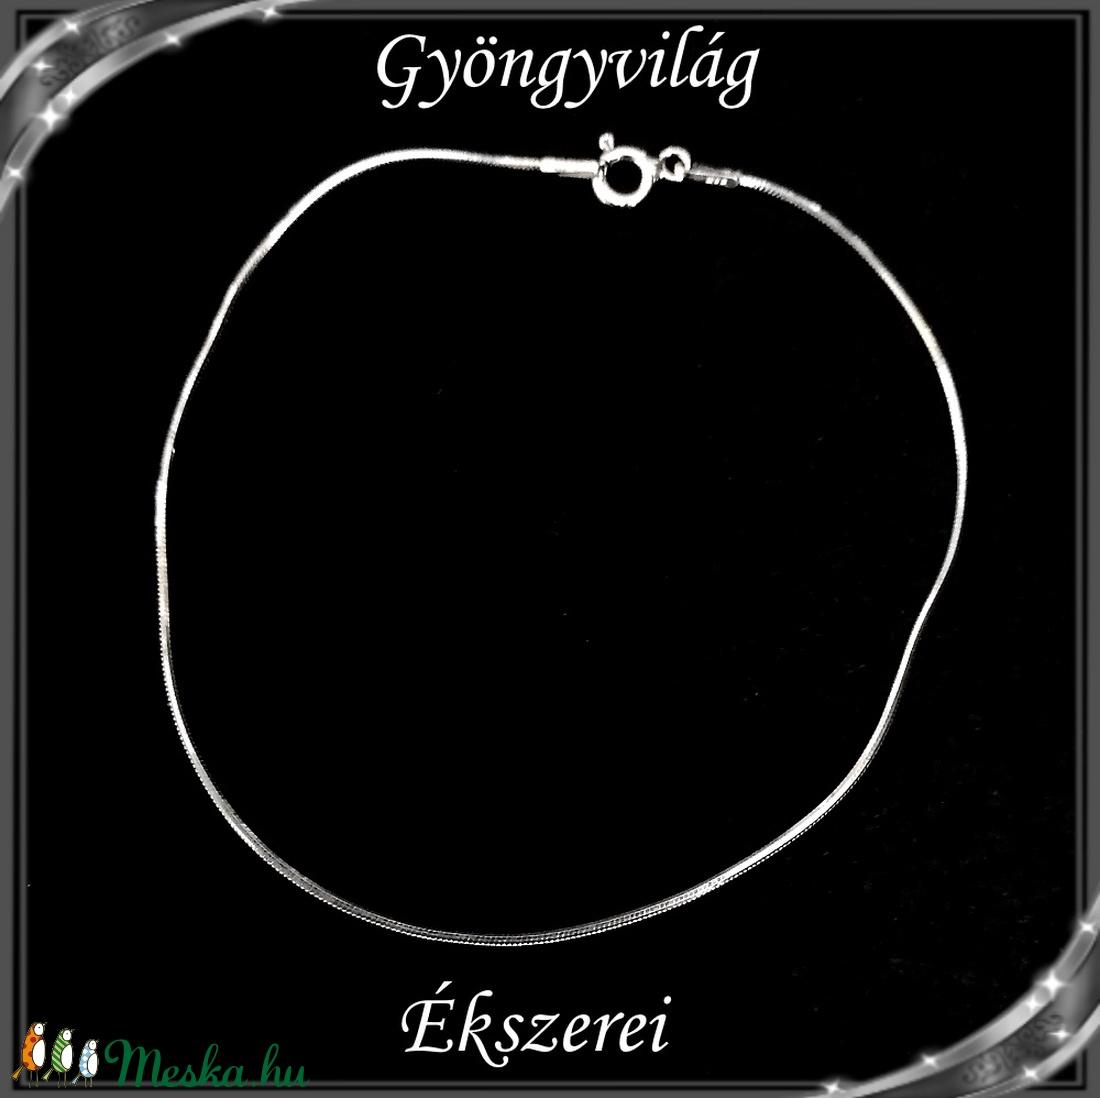 Ékszerek-karkötők: 925-ös sterling ezüst karkötő SSZ EÜK 09-20e - ékszer - nyaklánc - medál nélküli nyaklánc - Meska.hu